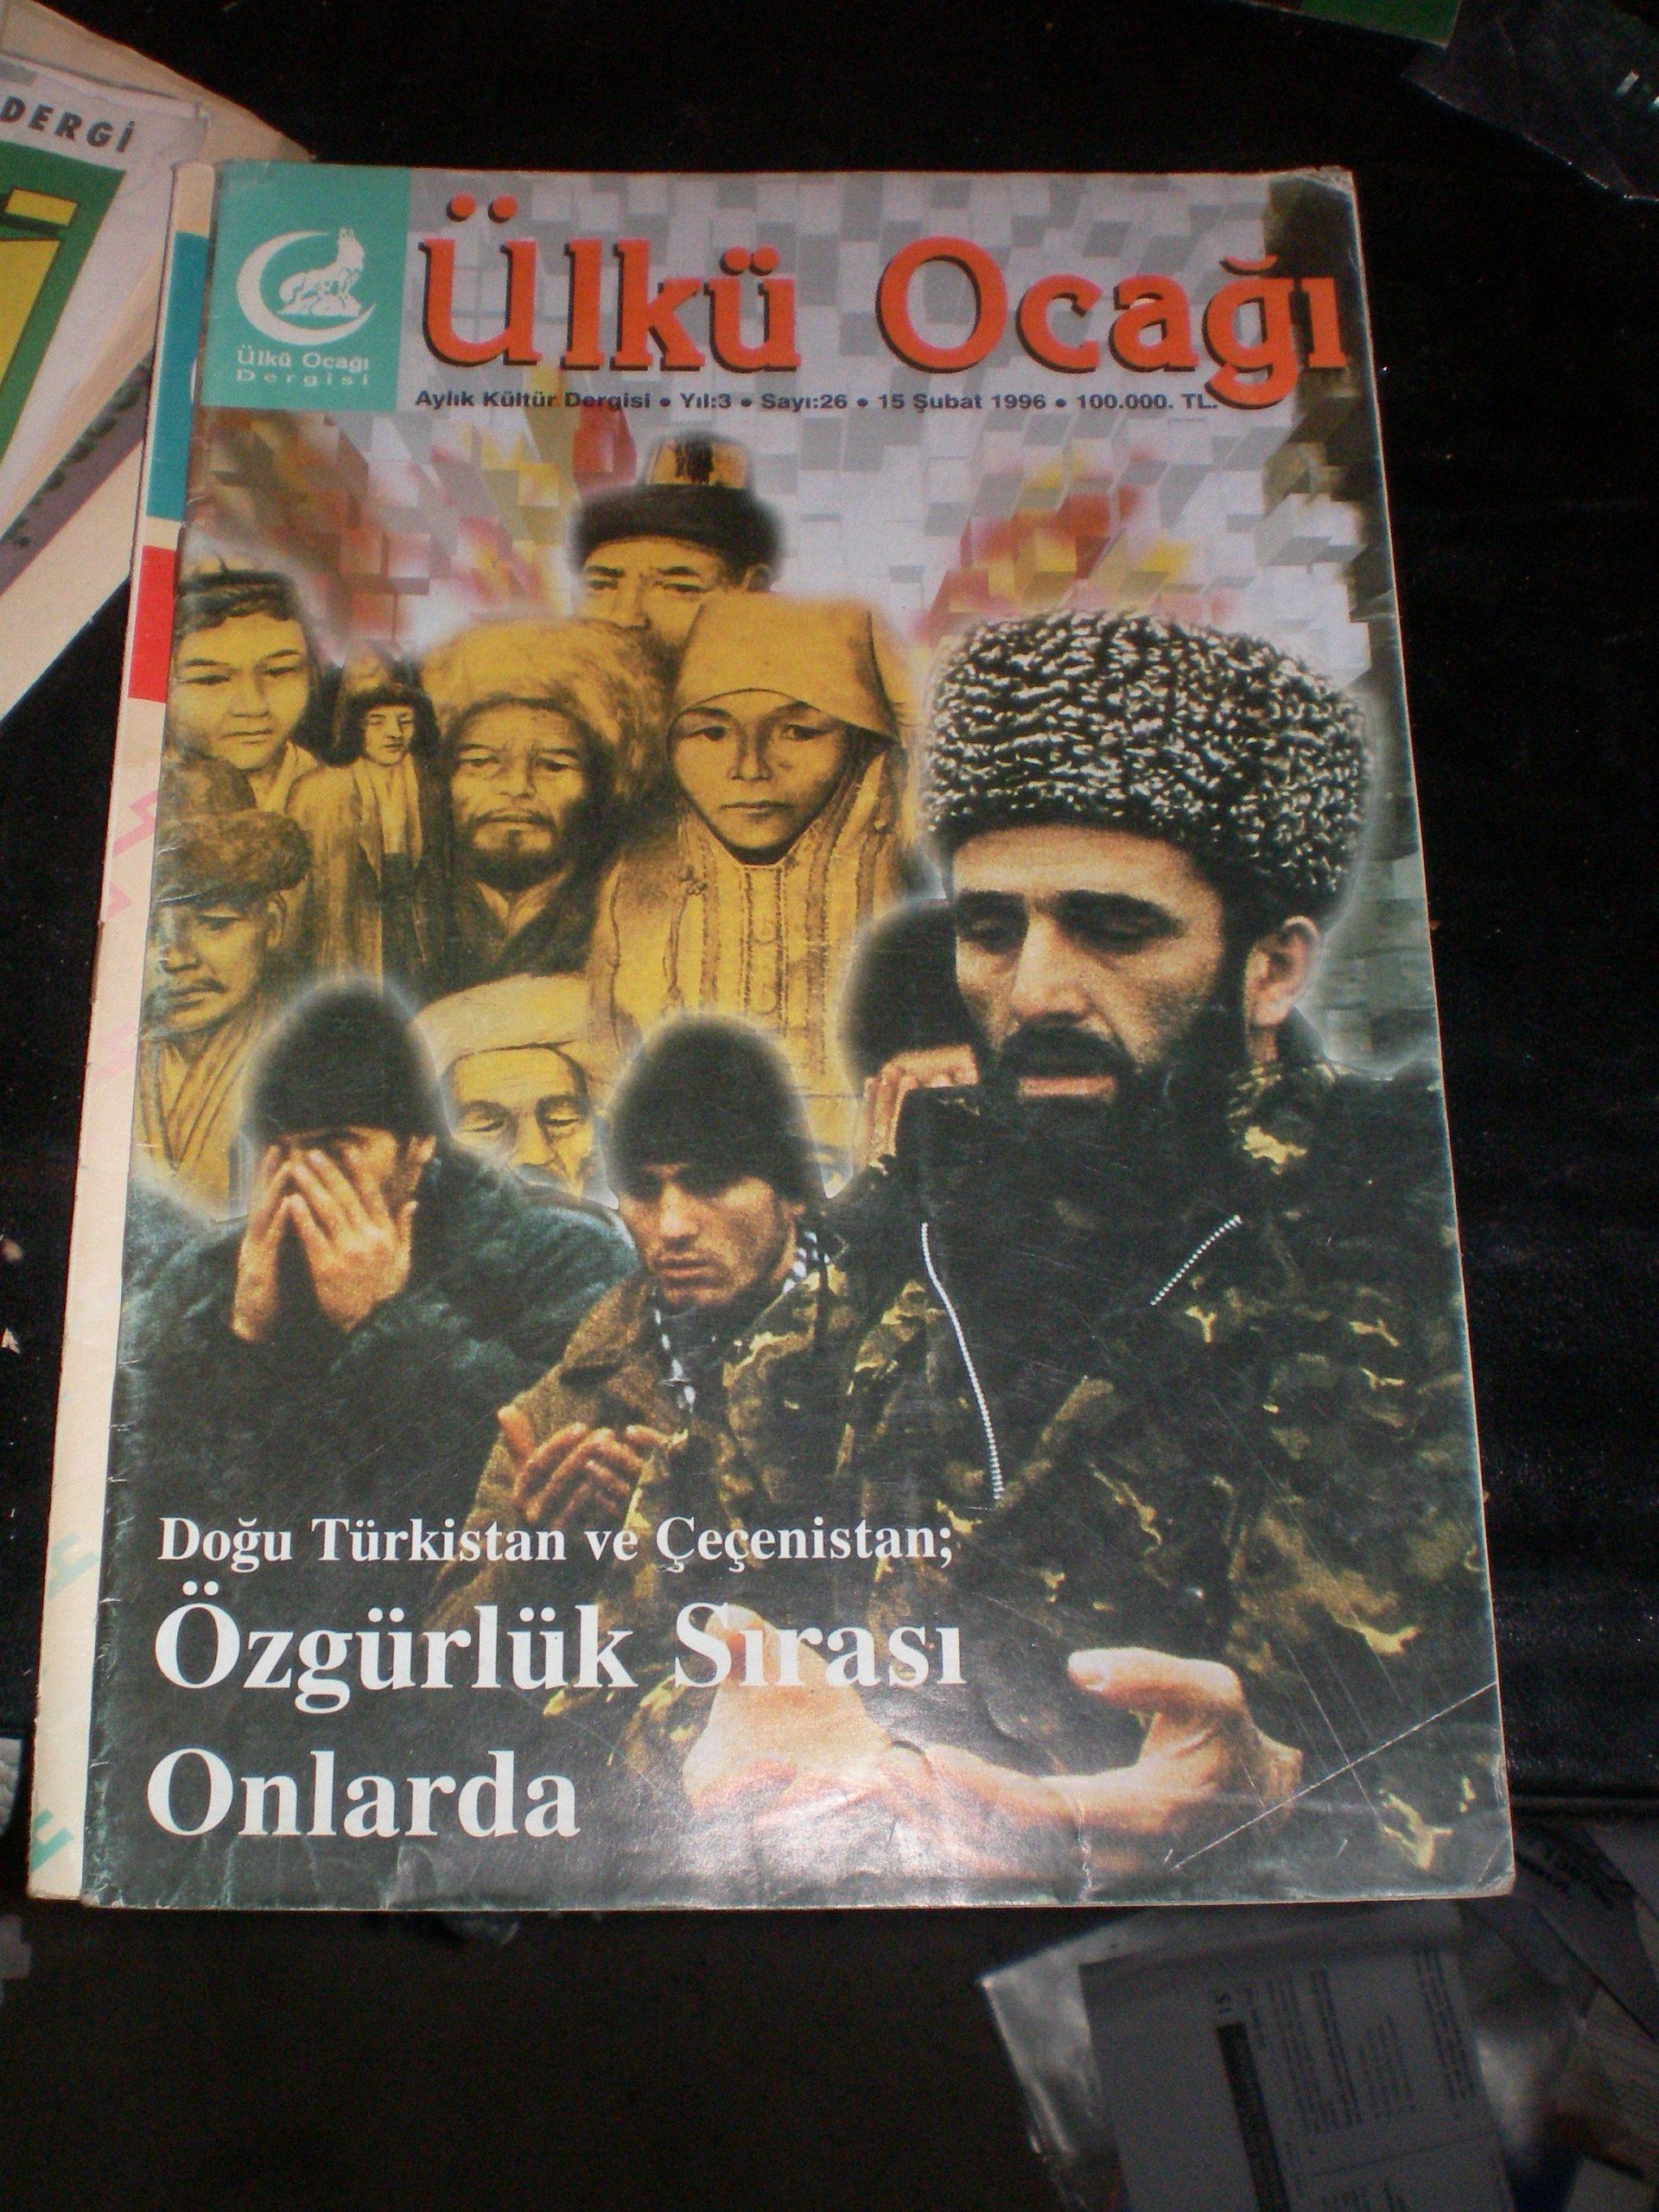 Ülkü ocakları dergileri-1996 yılı/7 adet/ toplam 35 tl